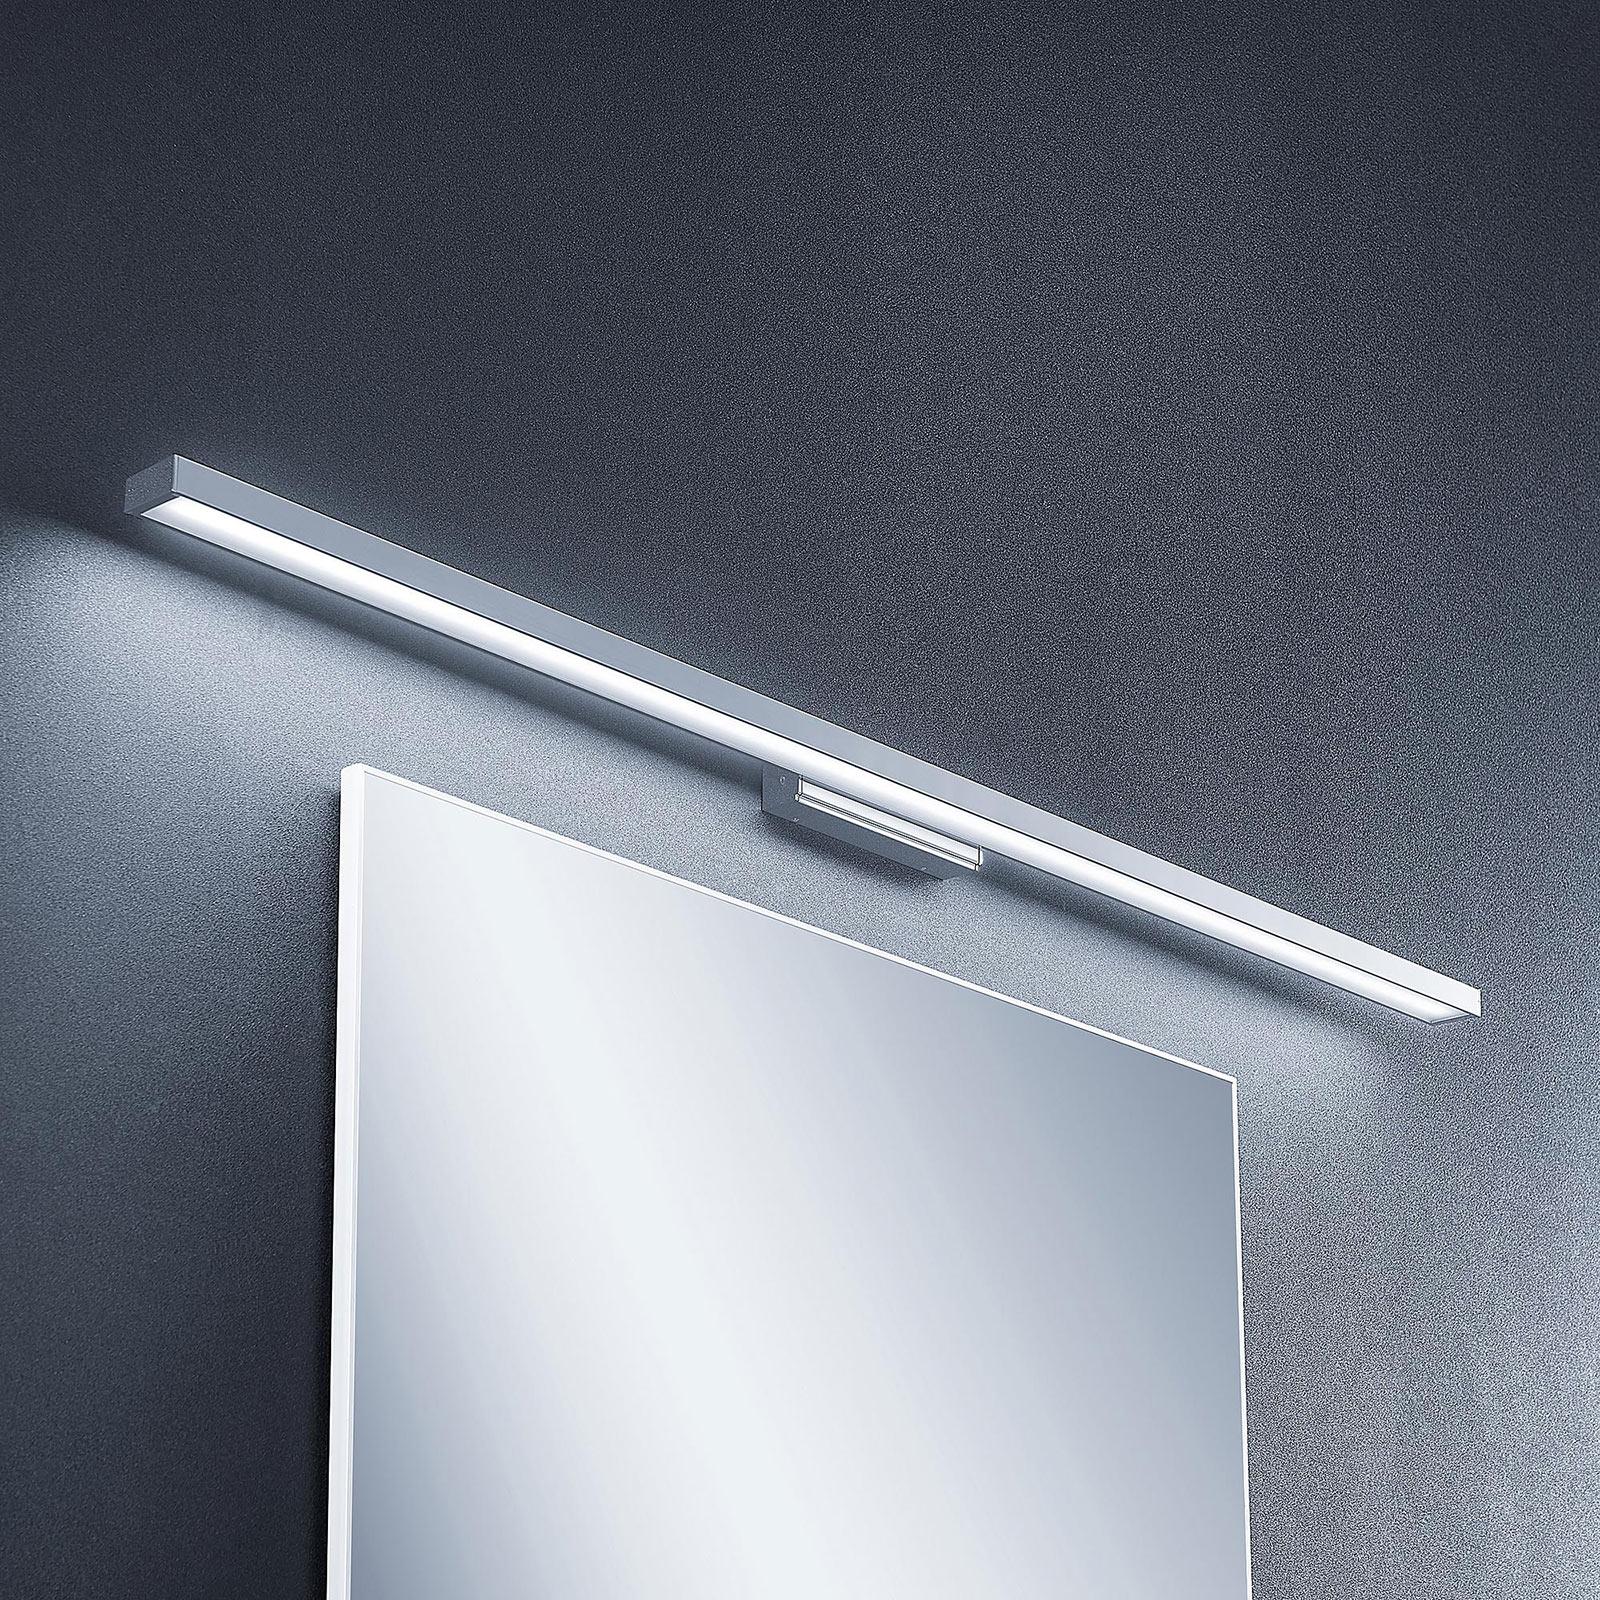 Lindby Alenia LED-spejllampe badeværelse 120 cm